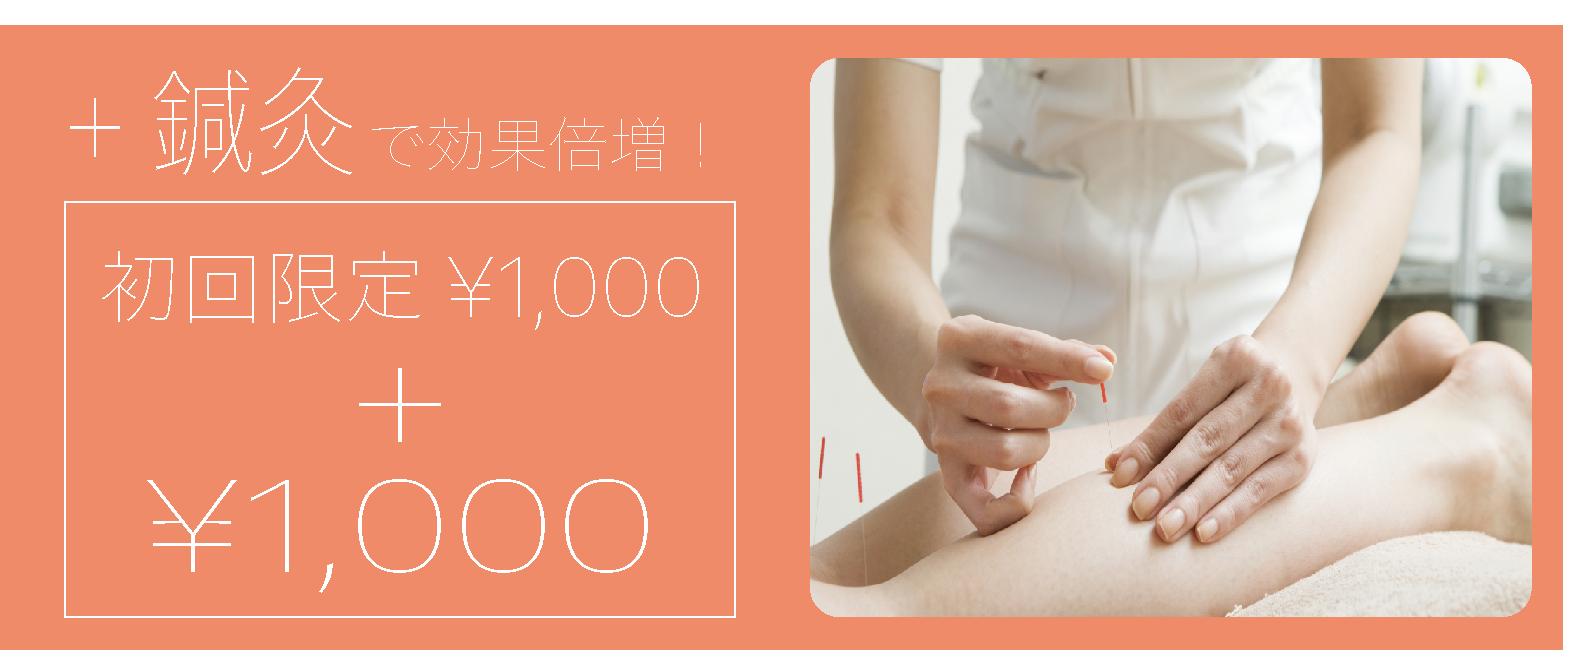 +鍼灸で効果倍増・整体1000円キャンペーンに+1000円で鍼灸施術をプラスで行えます!